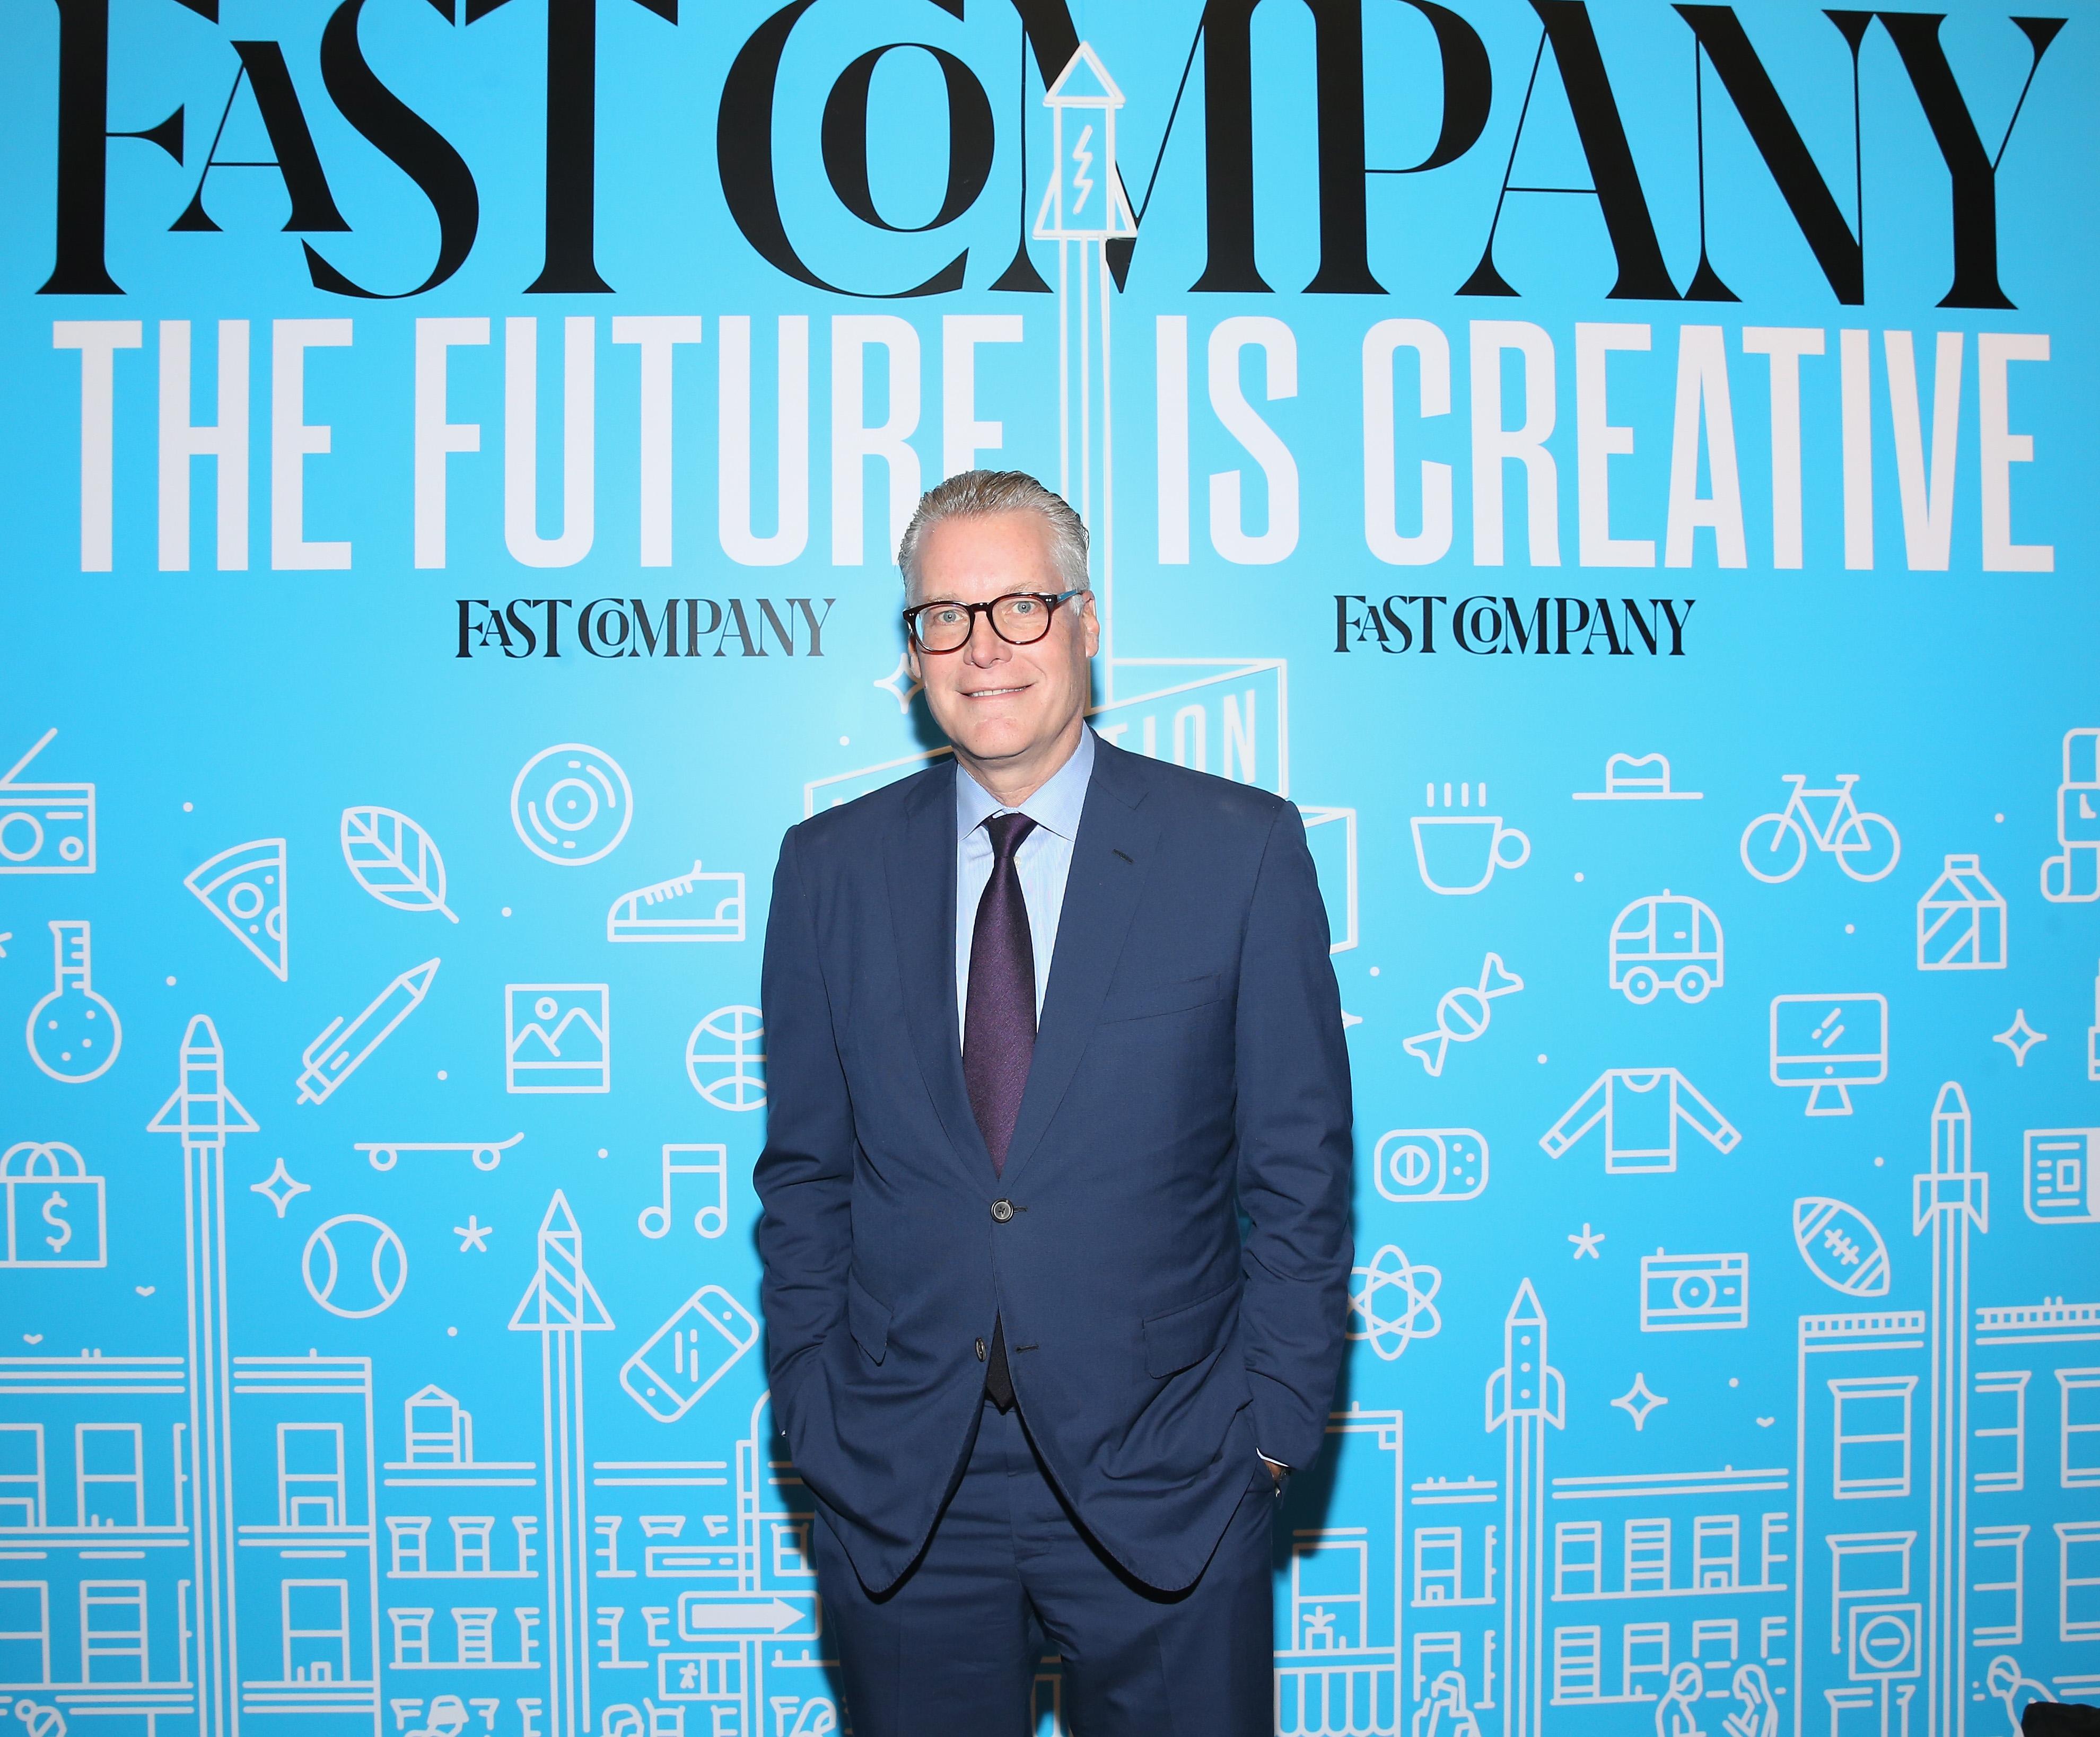 Delta CEO Ed Bastian poses at the 2018 Fast Company Innovation Festival.